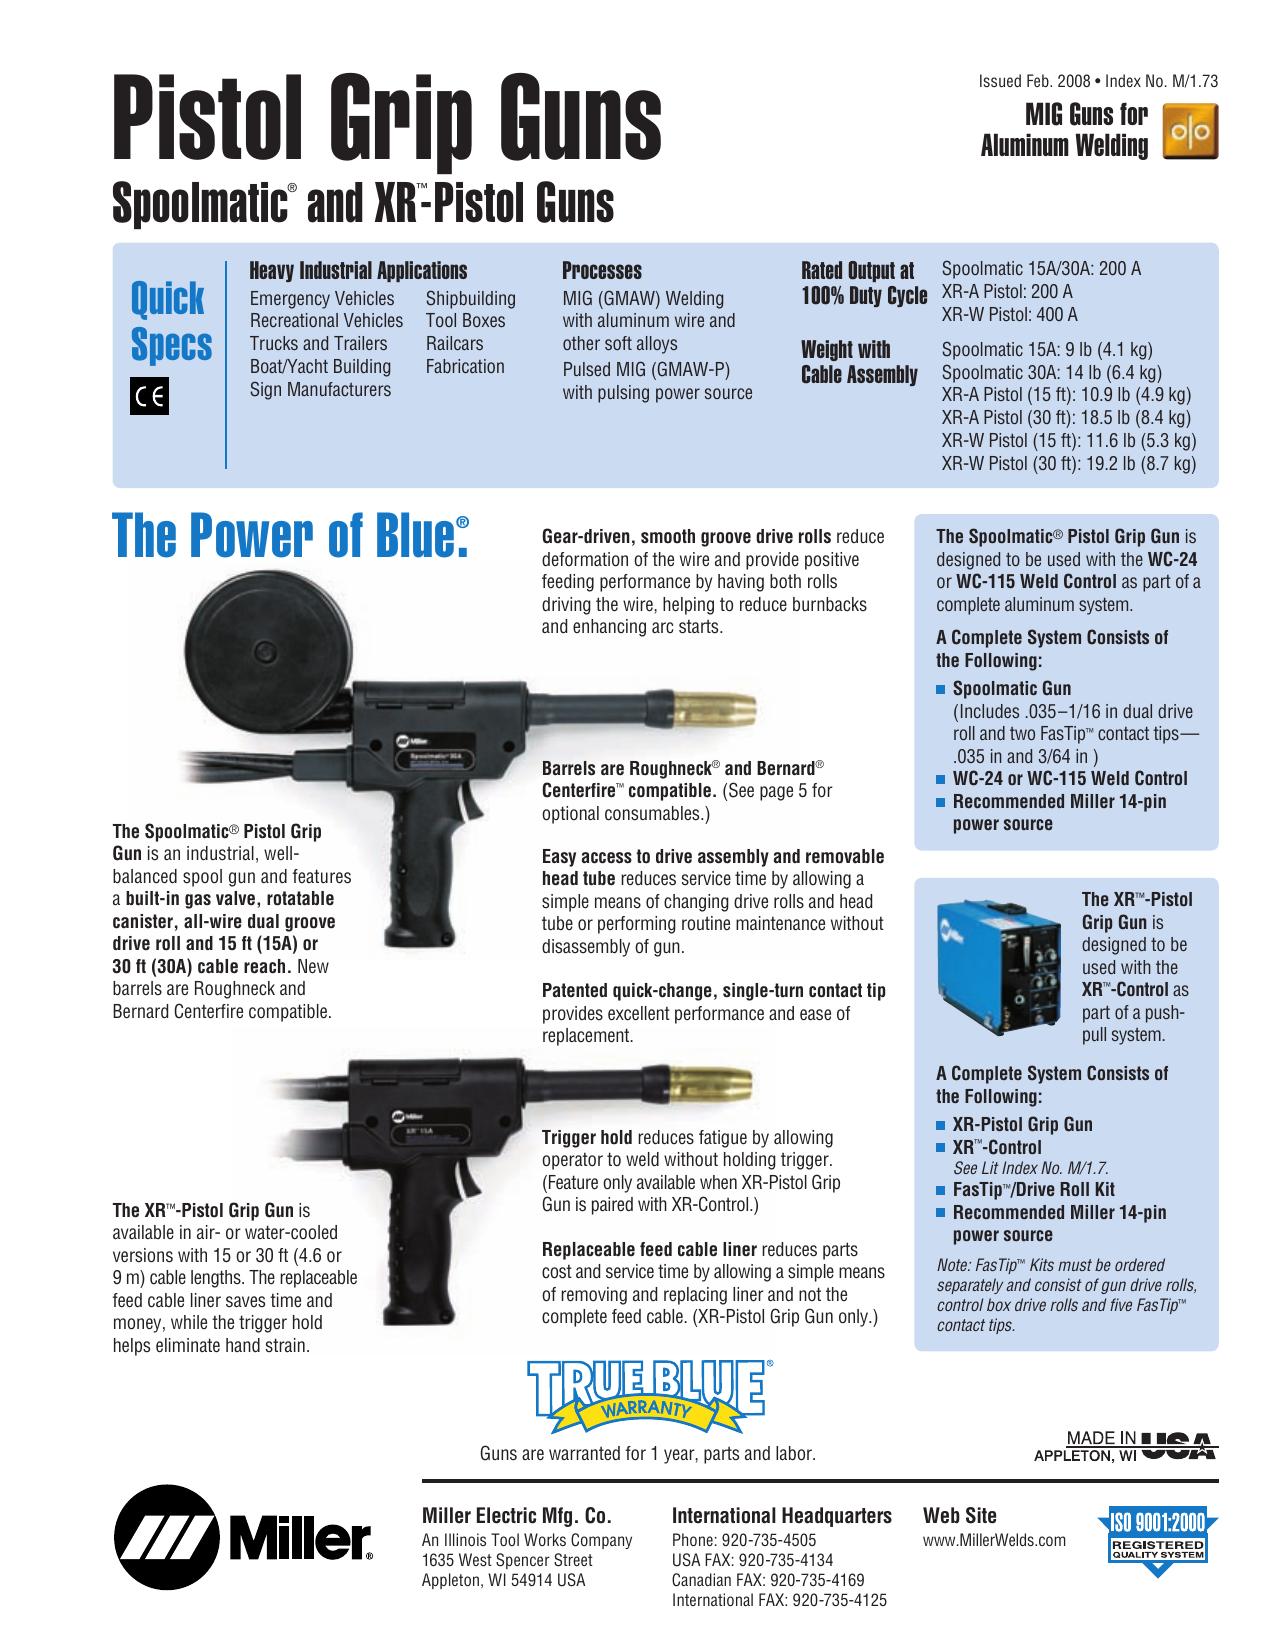 A M1 73 Spoolmatic Xr Pistol Guns Qxd A M1 Manualzz Com